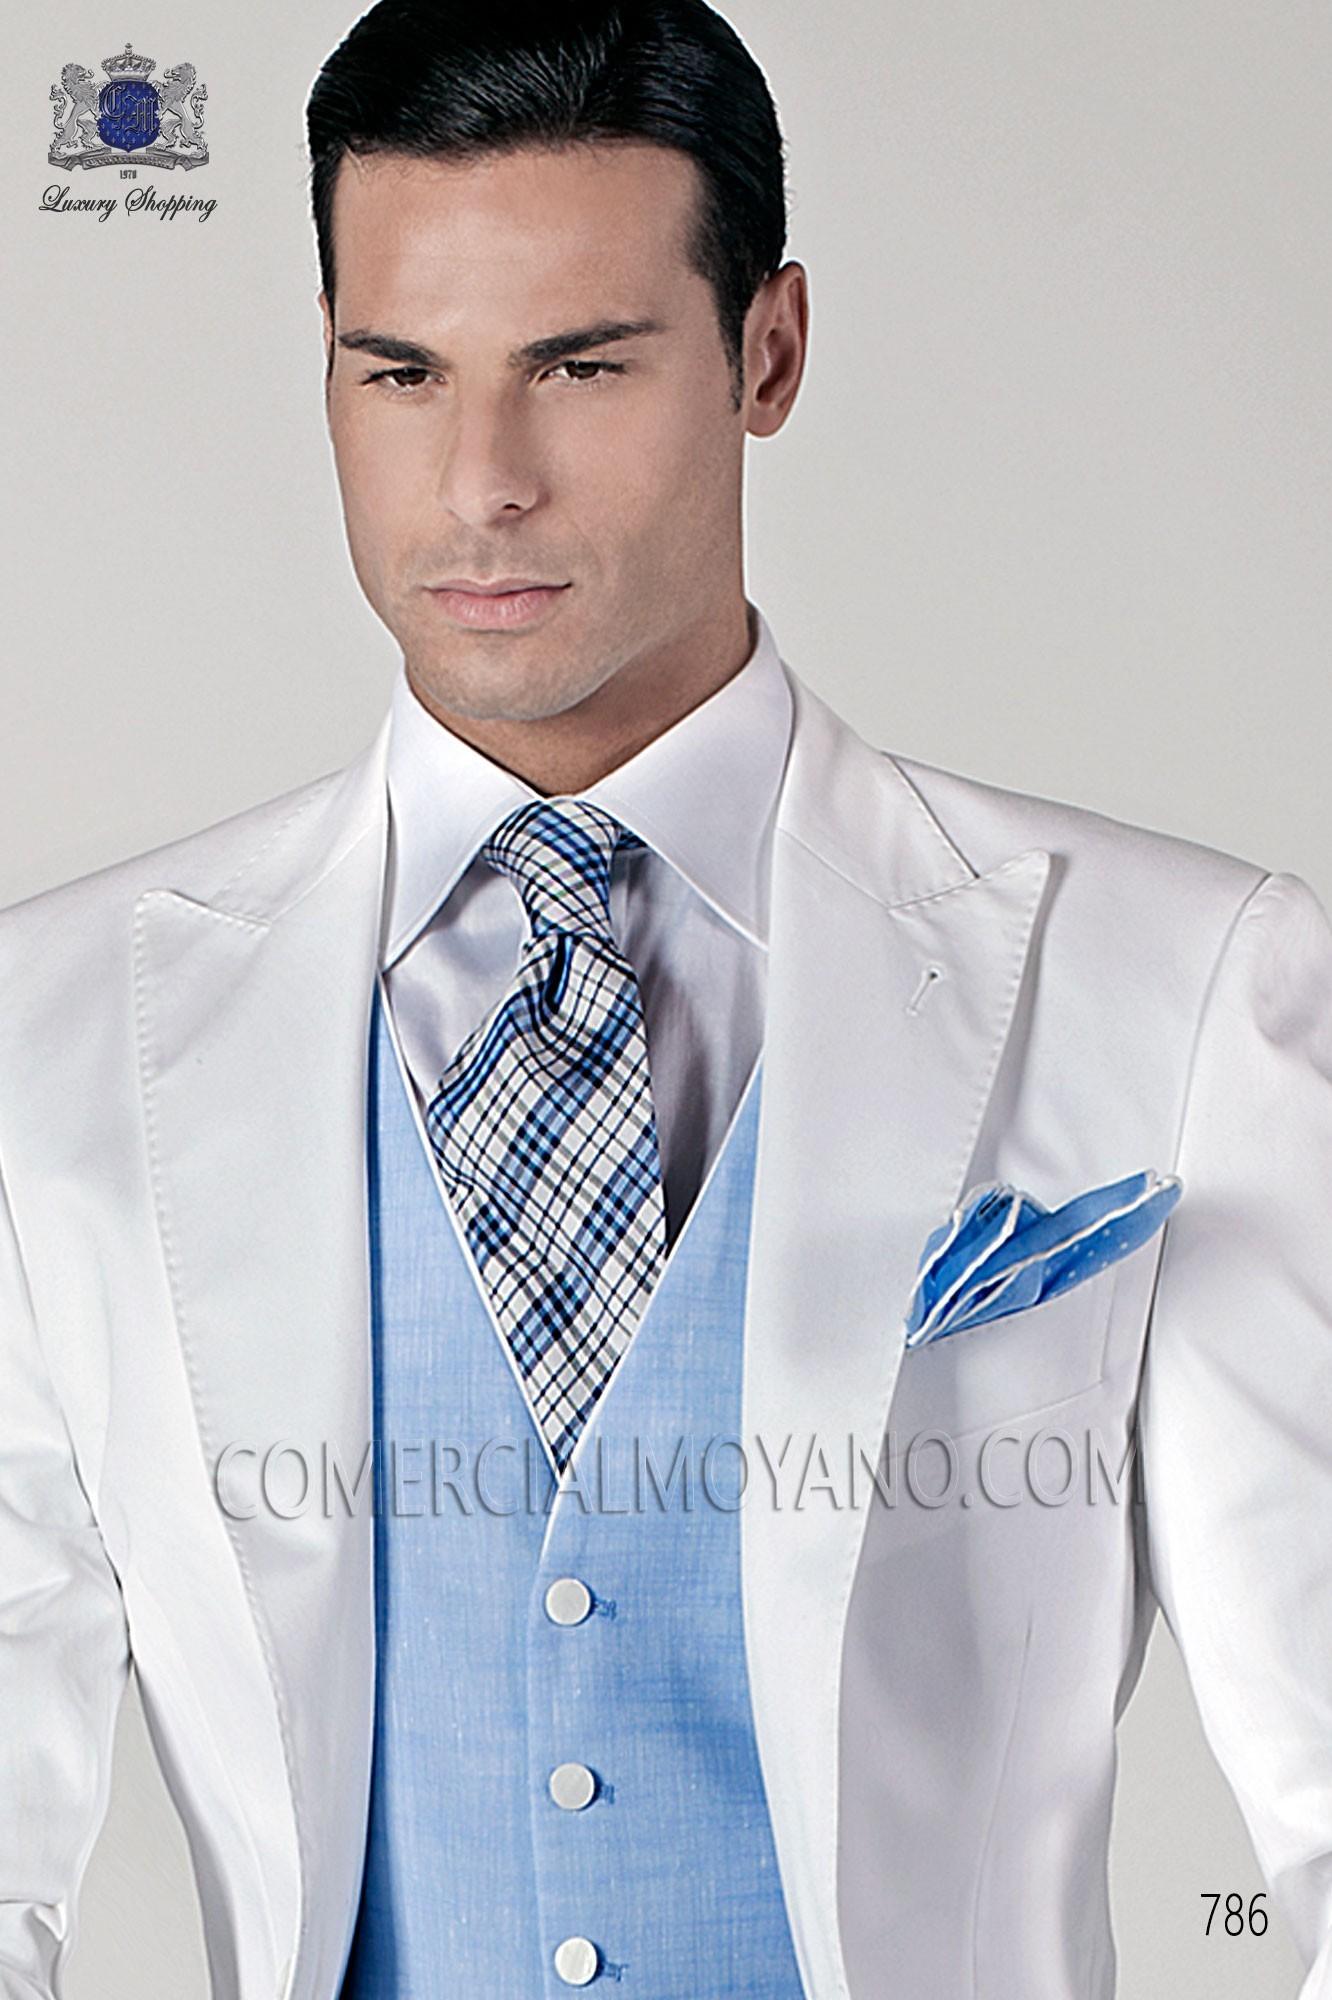 Traje Hipster de novio blanco modelo: 786 Ottavio Nuccio Gala colección Hipster